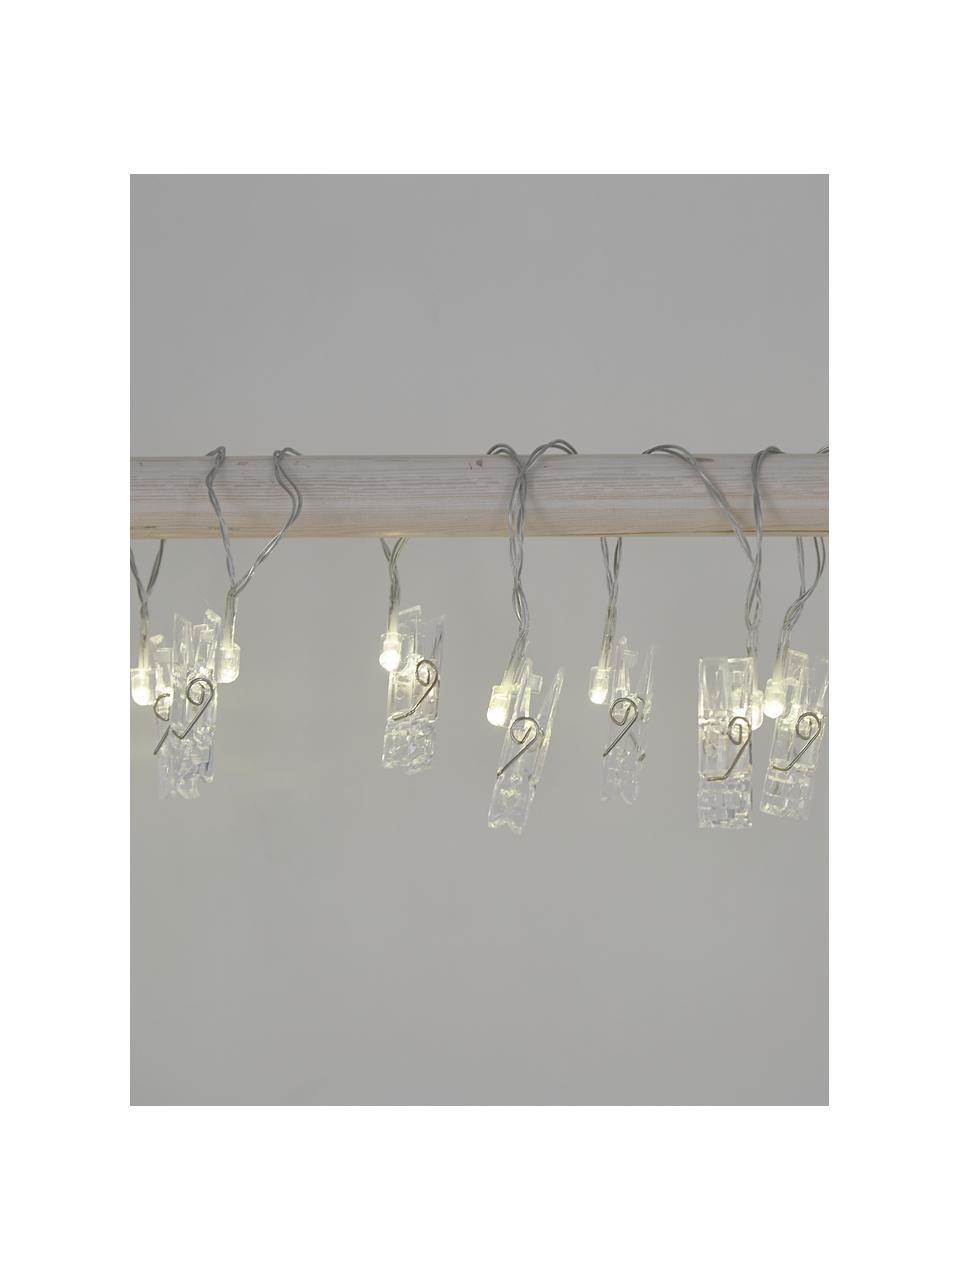 LED-Lichterkette Clippy, 135 cm, 10 Lampions, Transparent, L 135 cm